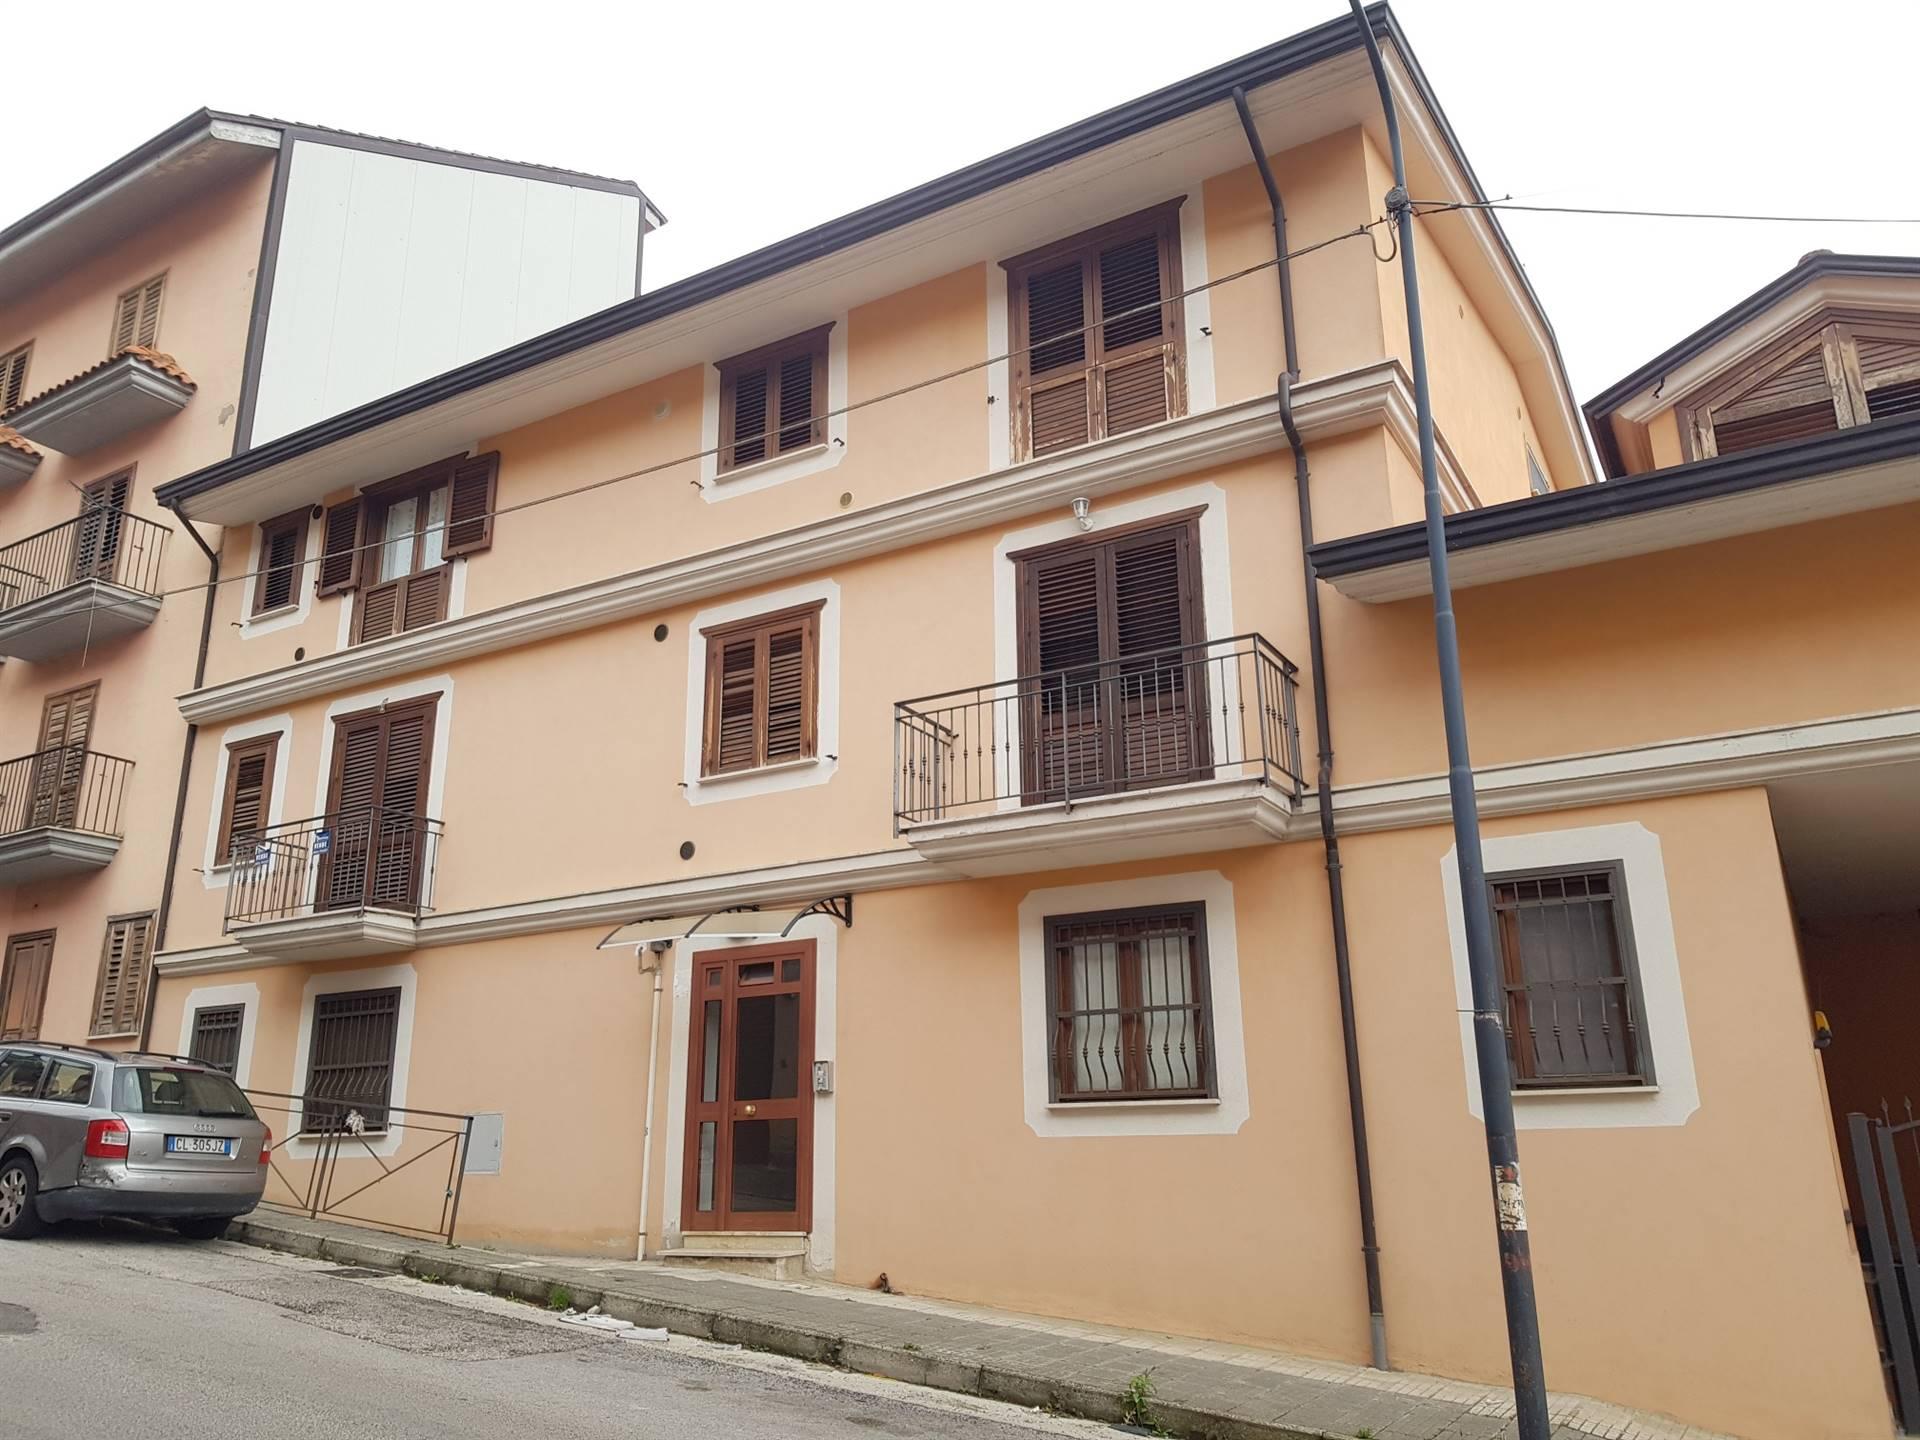 Appartamento in vendita a Monteforte Irpino, 3 locali, prezzo € 80.000 | CambioCasa.it